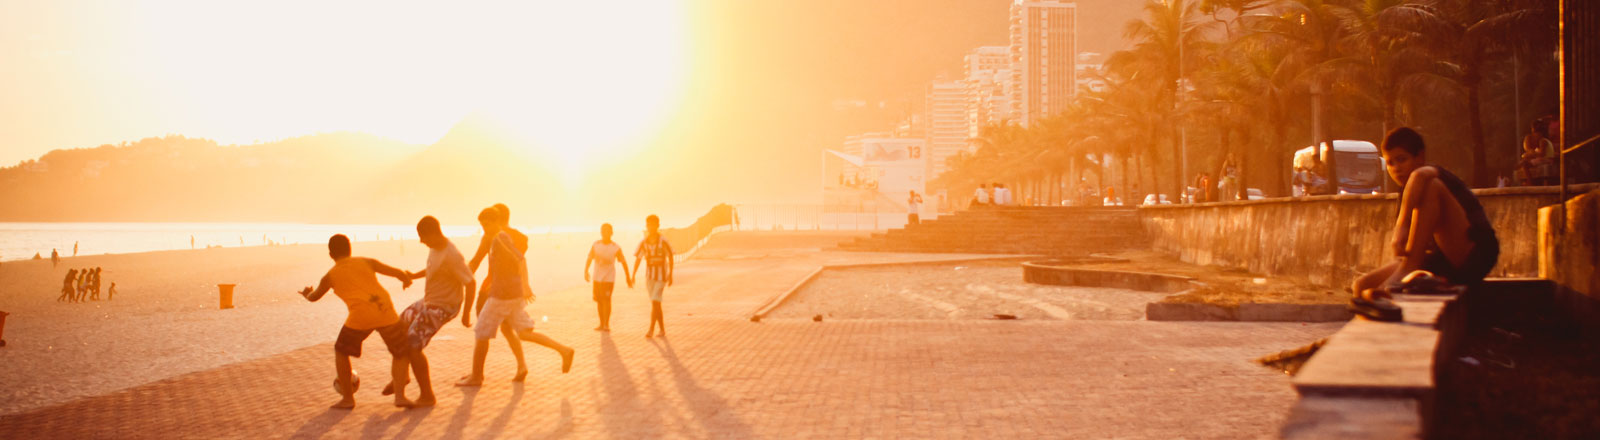 Kinder spielen in Brasilien im Sonnenuntergang Fußball.